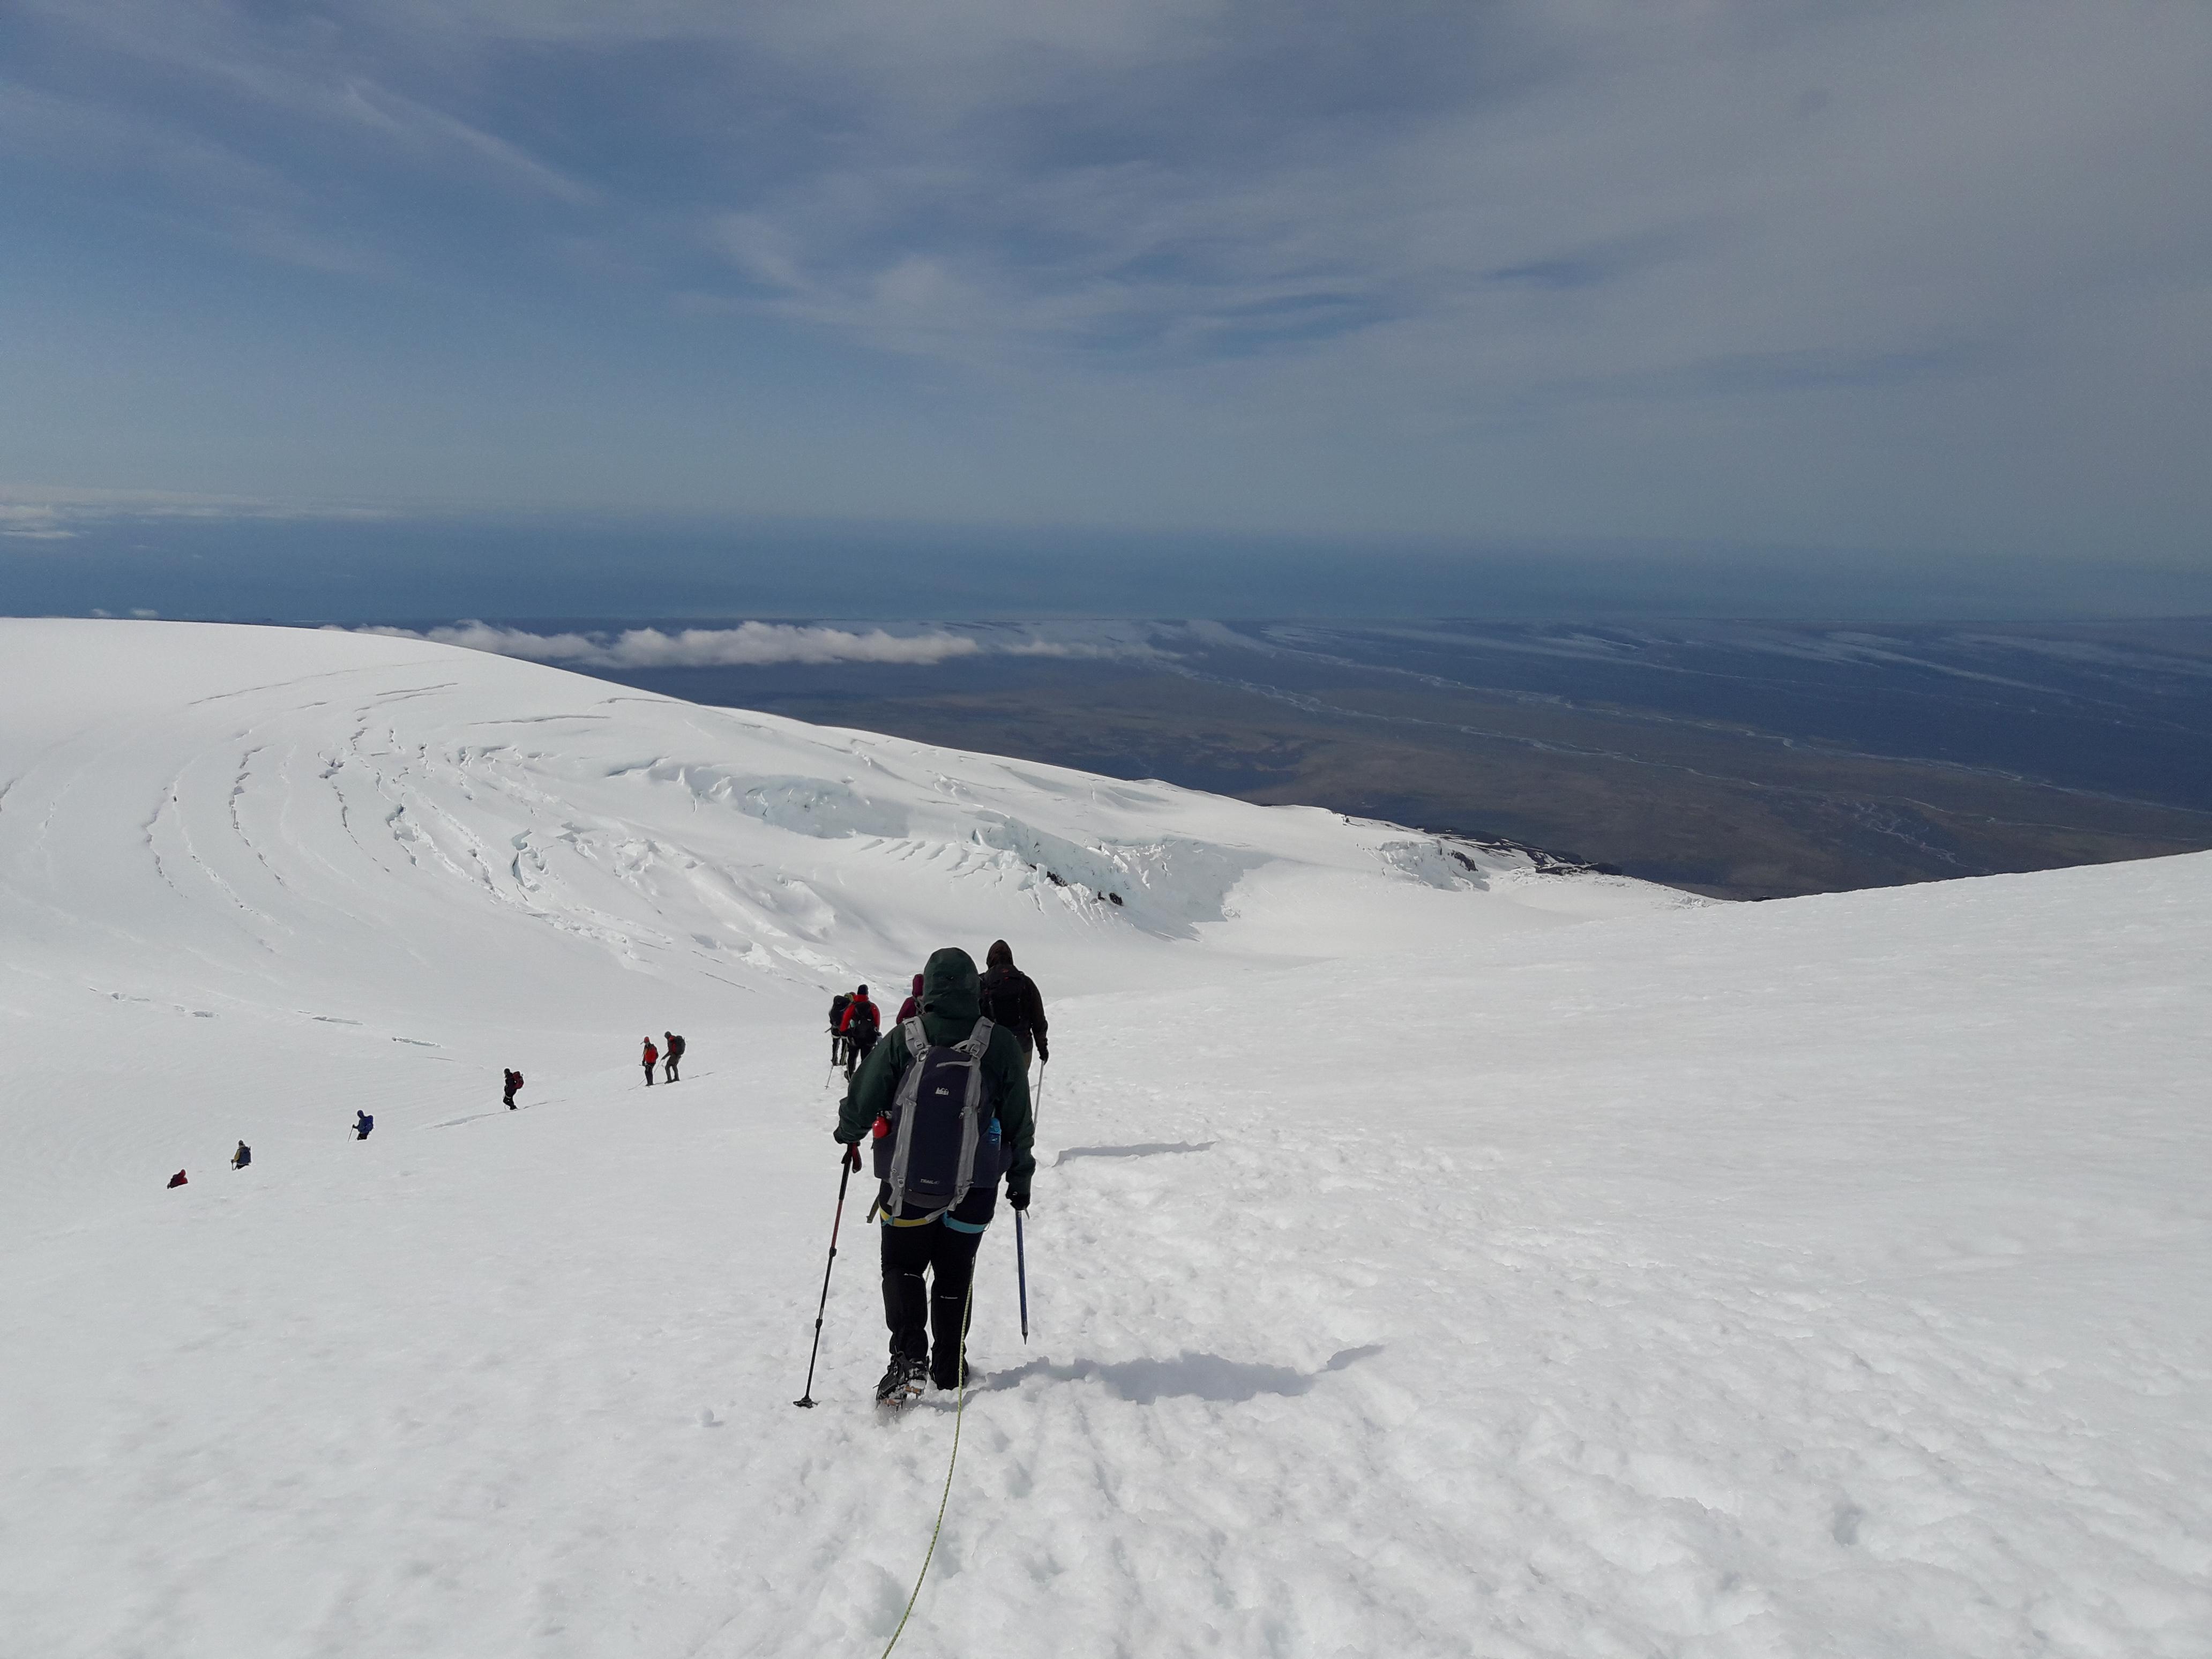 参加冰島最高峰Hvannadalshnjukur徒步旅行团体验极致的冰岛远足之行